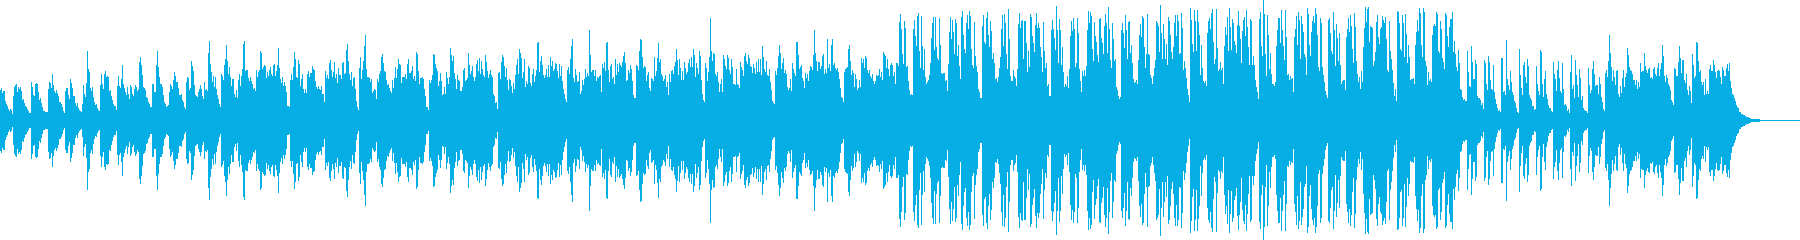 映像、CM、緊迫感ののあるエレクトロニカの再生済みの波形